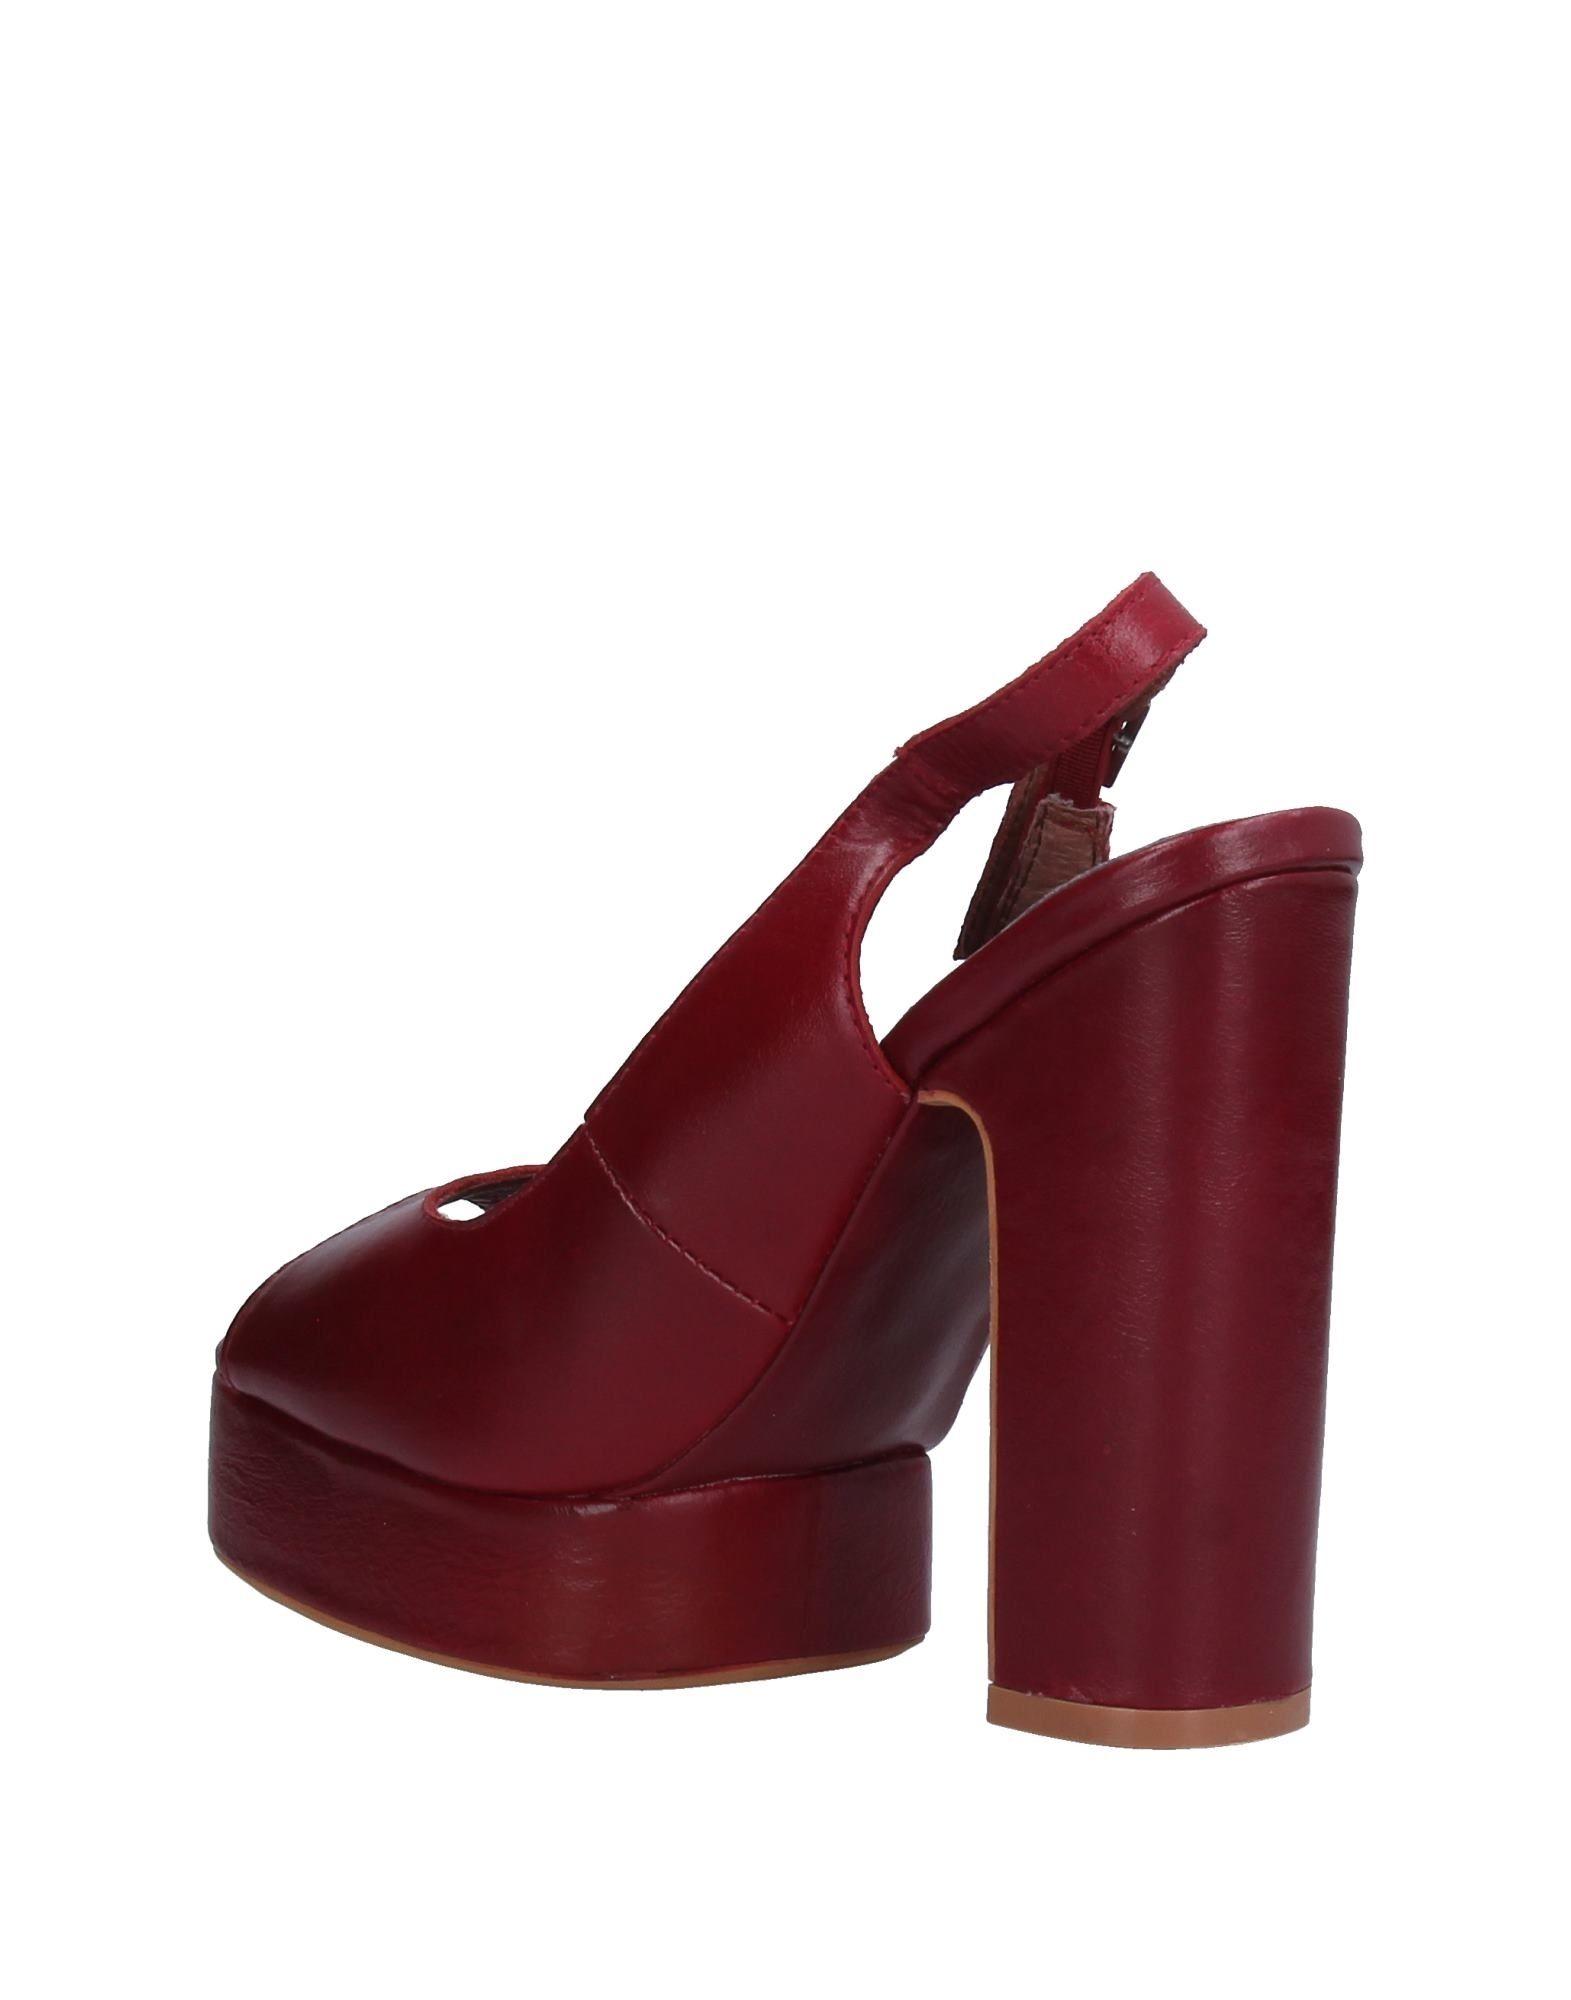 Jeffrey Campbell Sandalen Damen  11226661IE Gute Schuhe Qualität beliebte Schuhe Gute 3b5c28